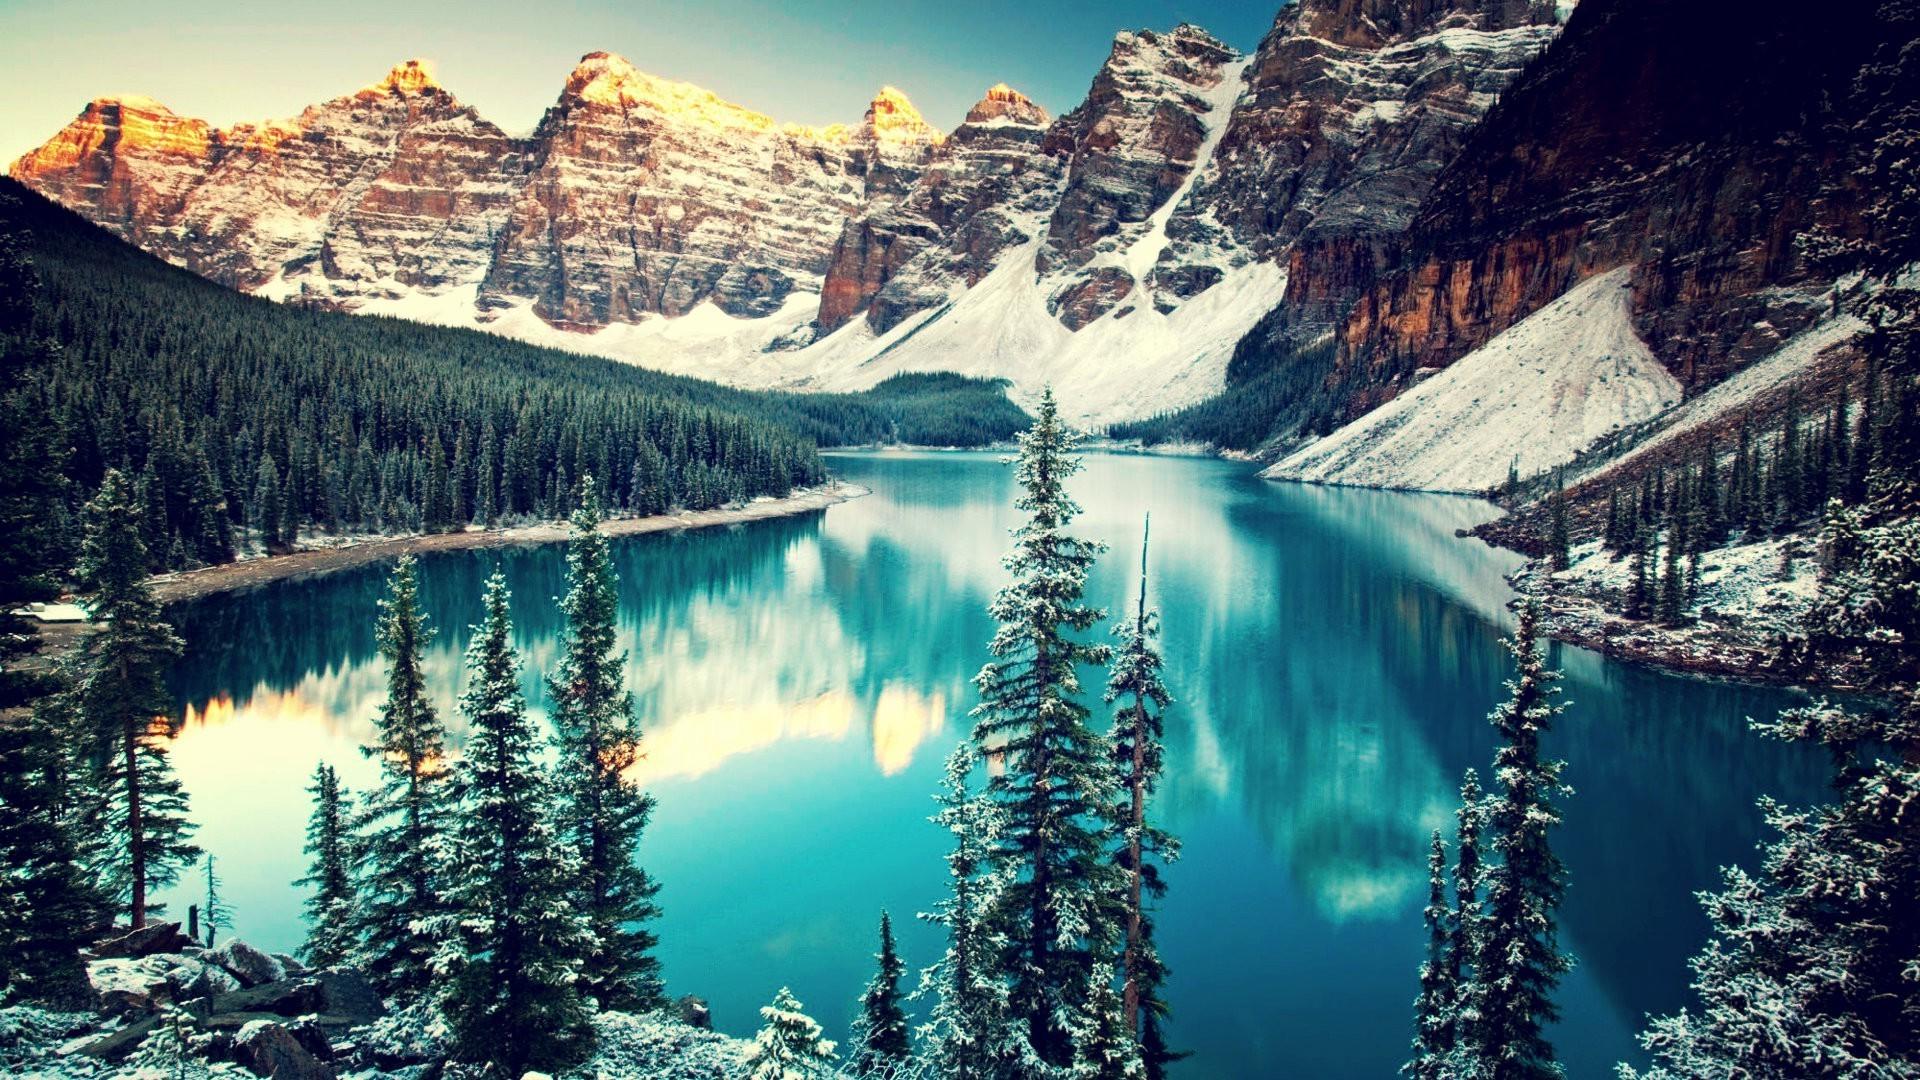 обои на рабочий стол зима в горах с озером № 201965  скачать